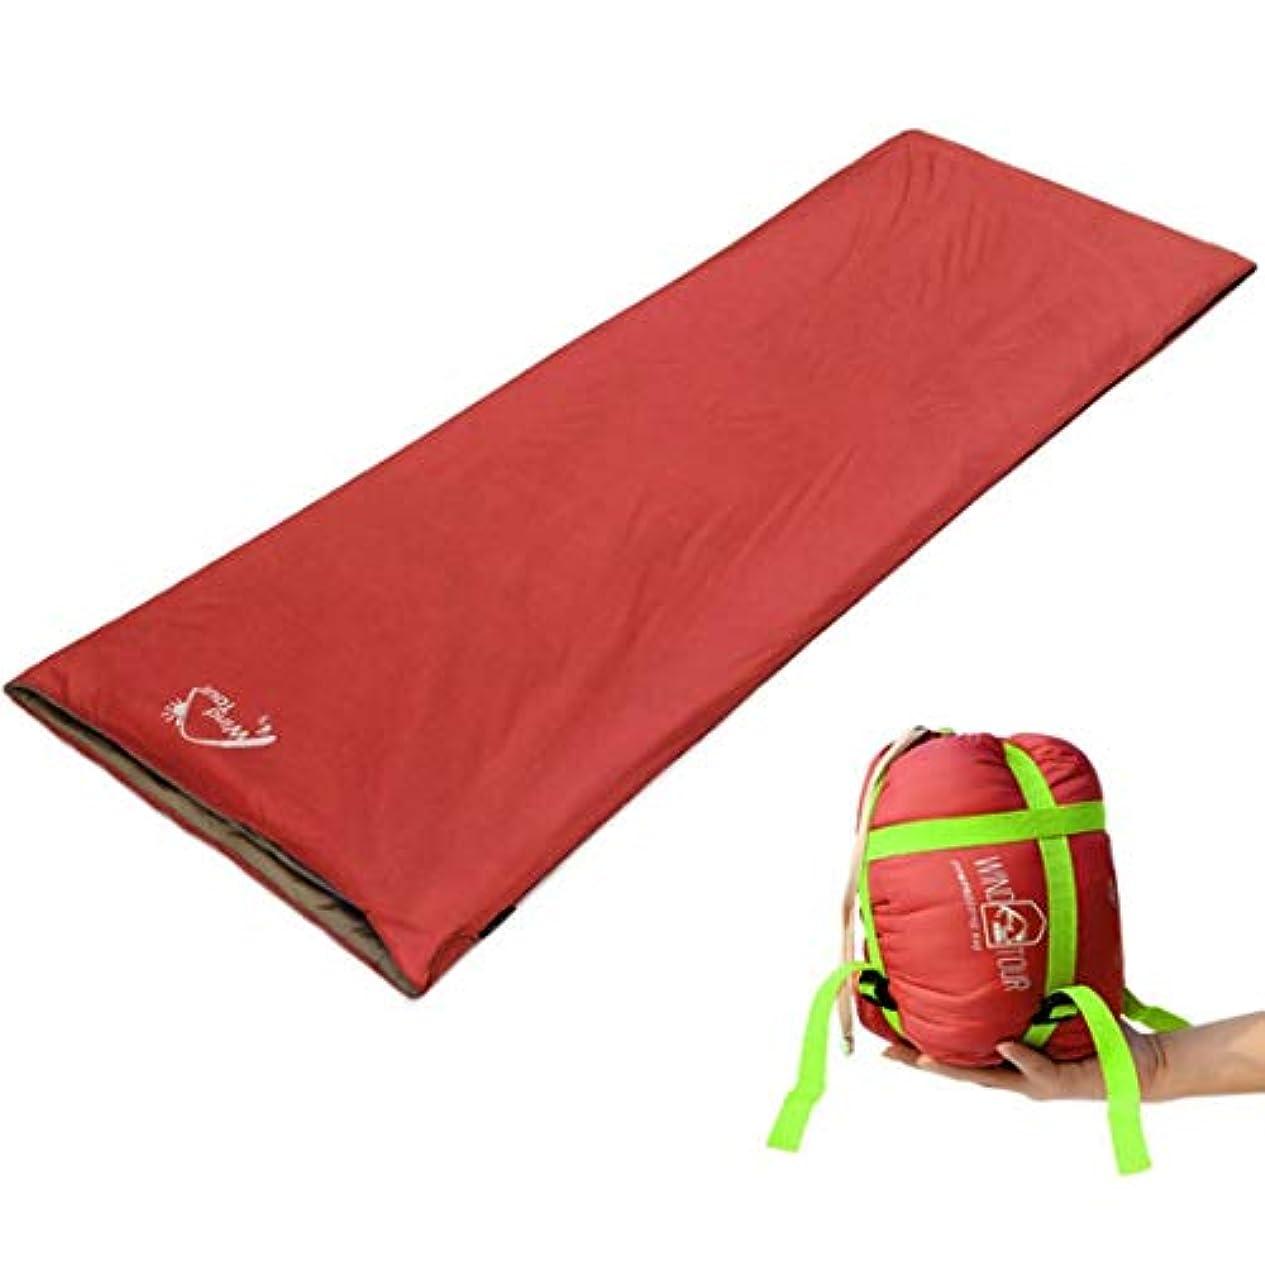 血色の良い代理人アリスKoloeplf ポータブル超軽量旅行の寝袋アダルト屋外キャンプ (Color : レッド)